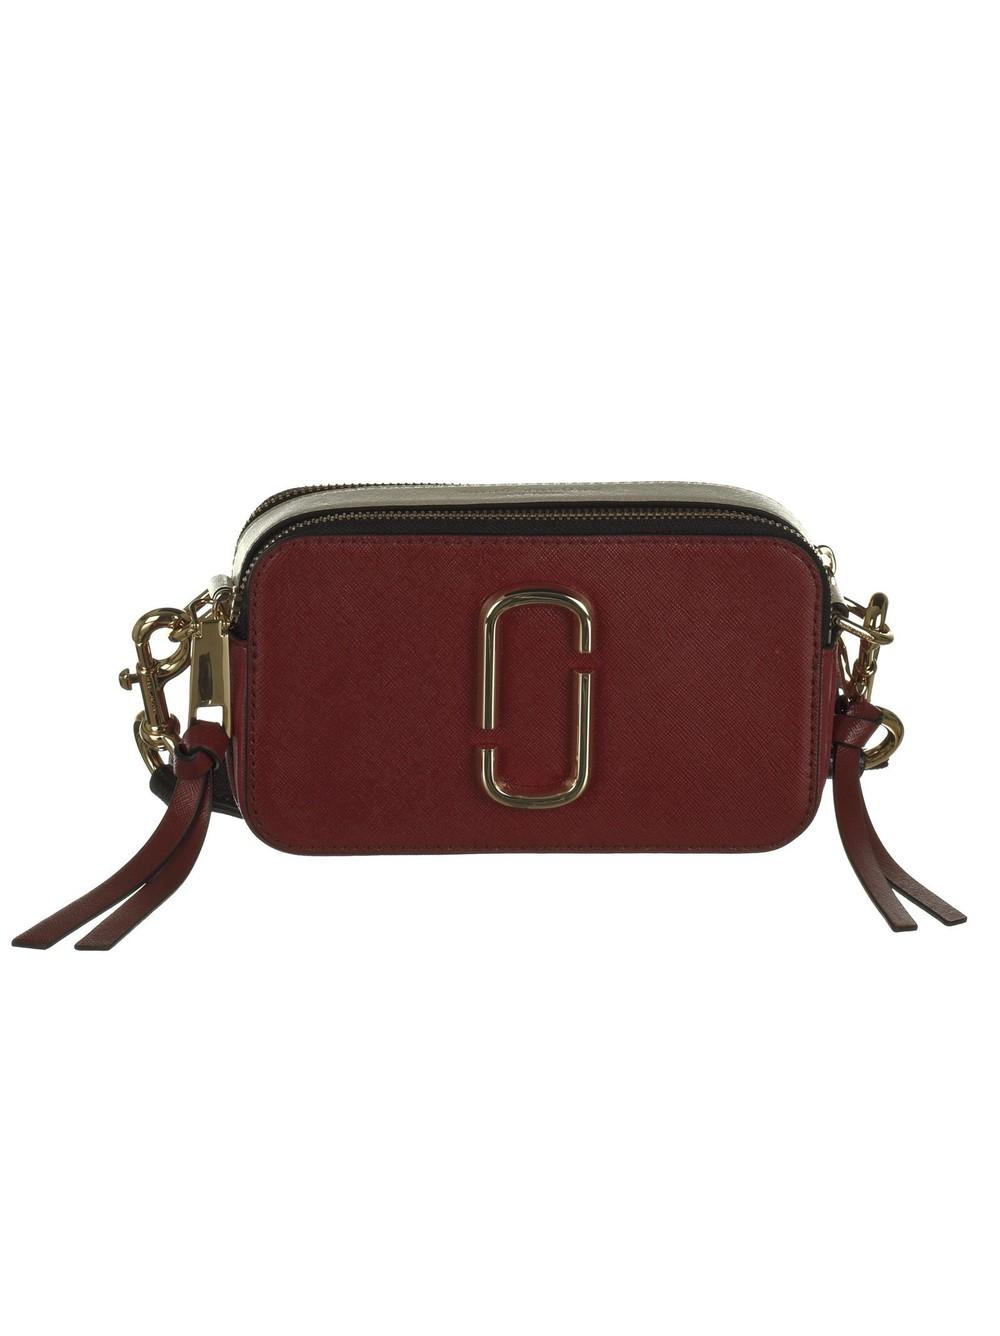 Marc Jacobs Snapshot Shoulder Bag in red / multi